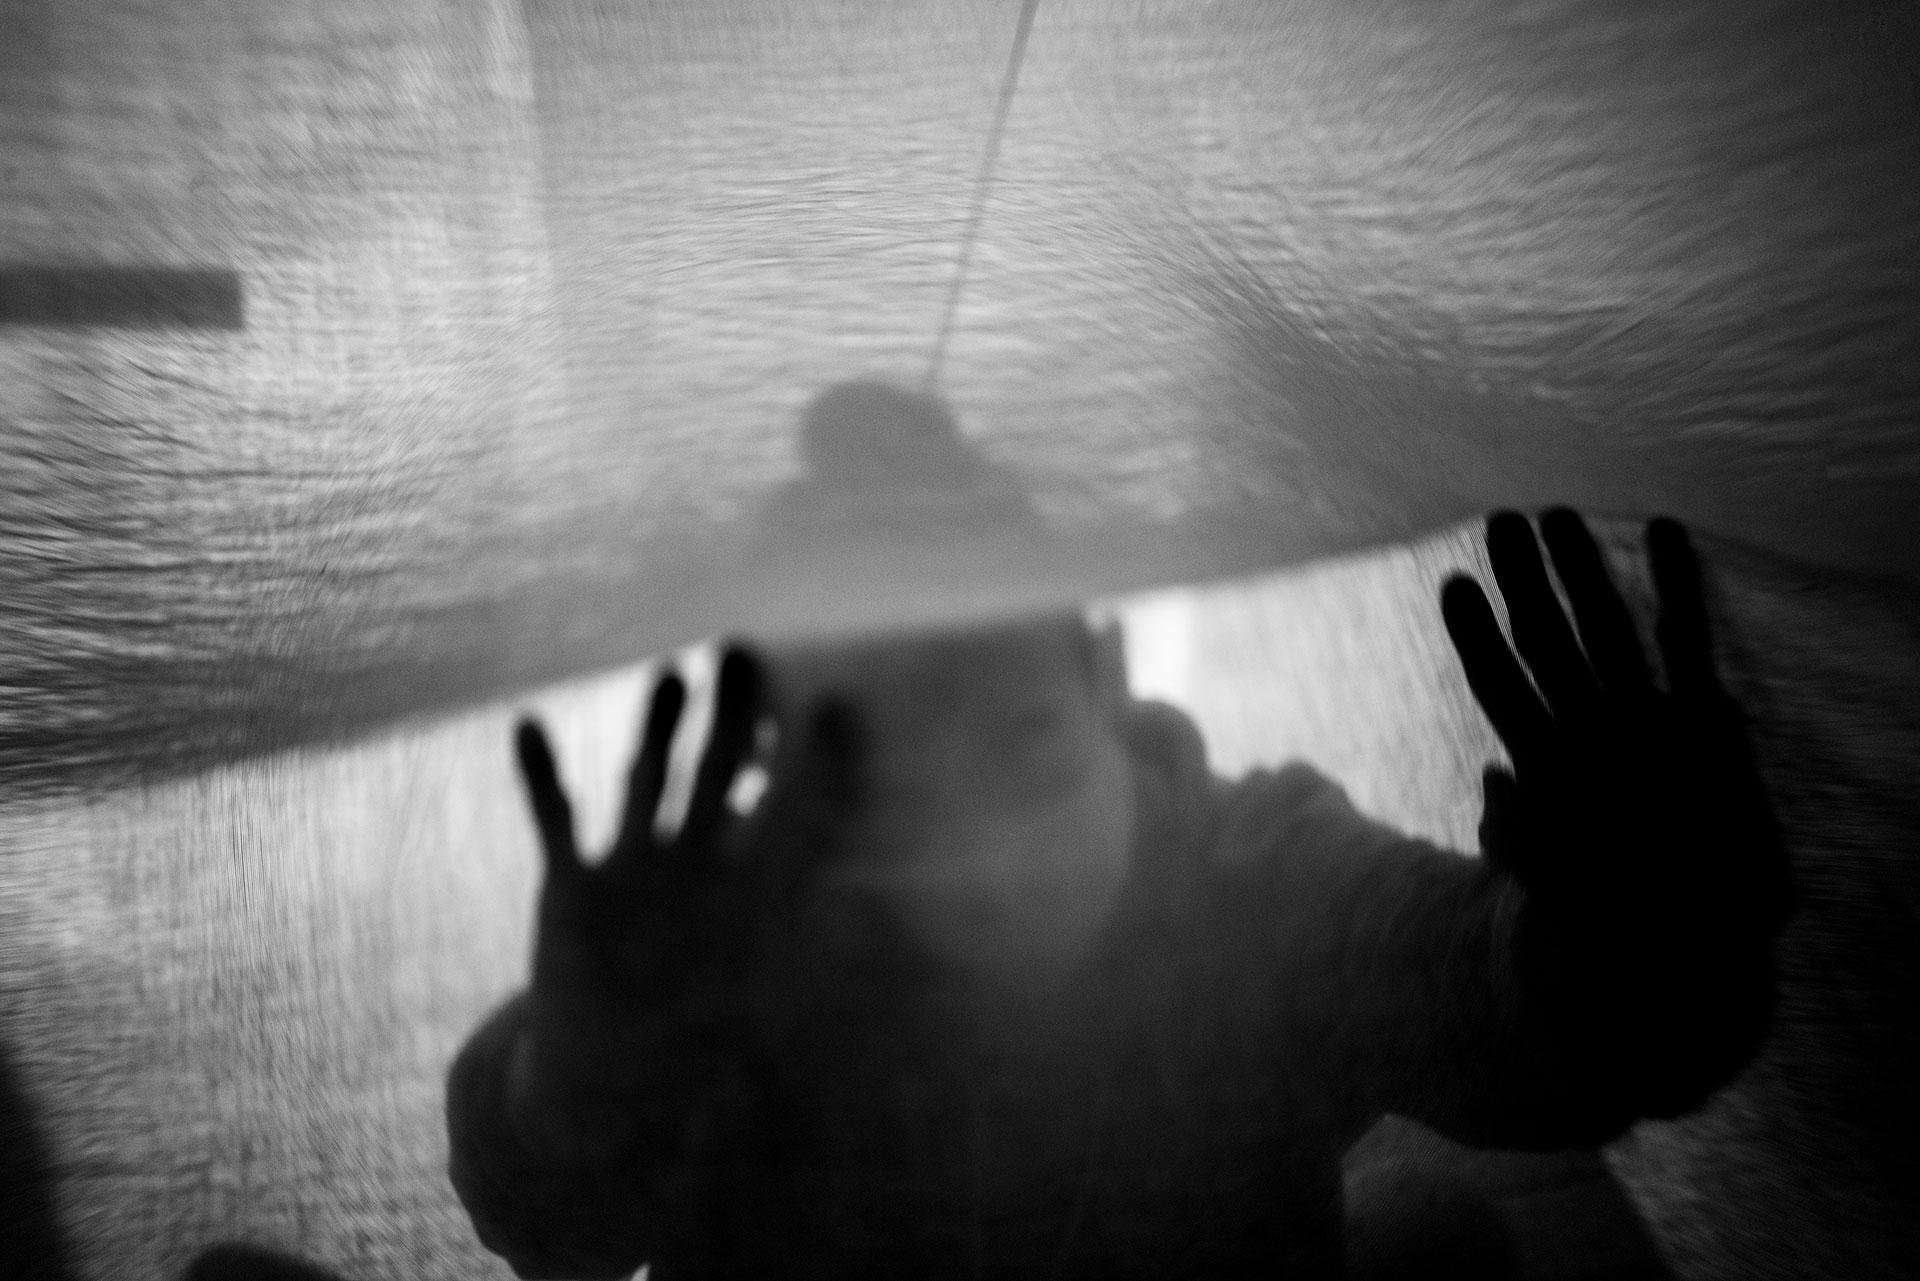 Las personas afectadas por el Síndrome de Sensibilidad Química Múltiple necesitan de la reclusión en sus hogares para sobrevivir, puesto que deben evitar el contacto con sustancias químicas o con quienes hayan estado expuestas a ellas.